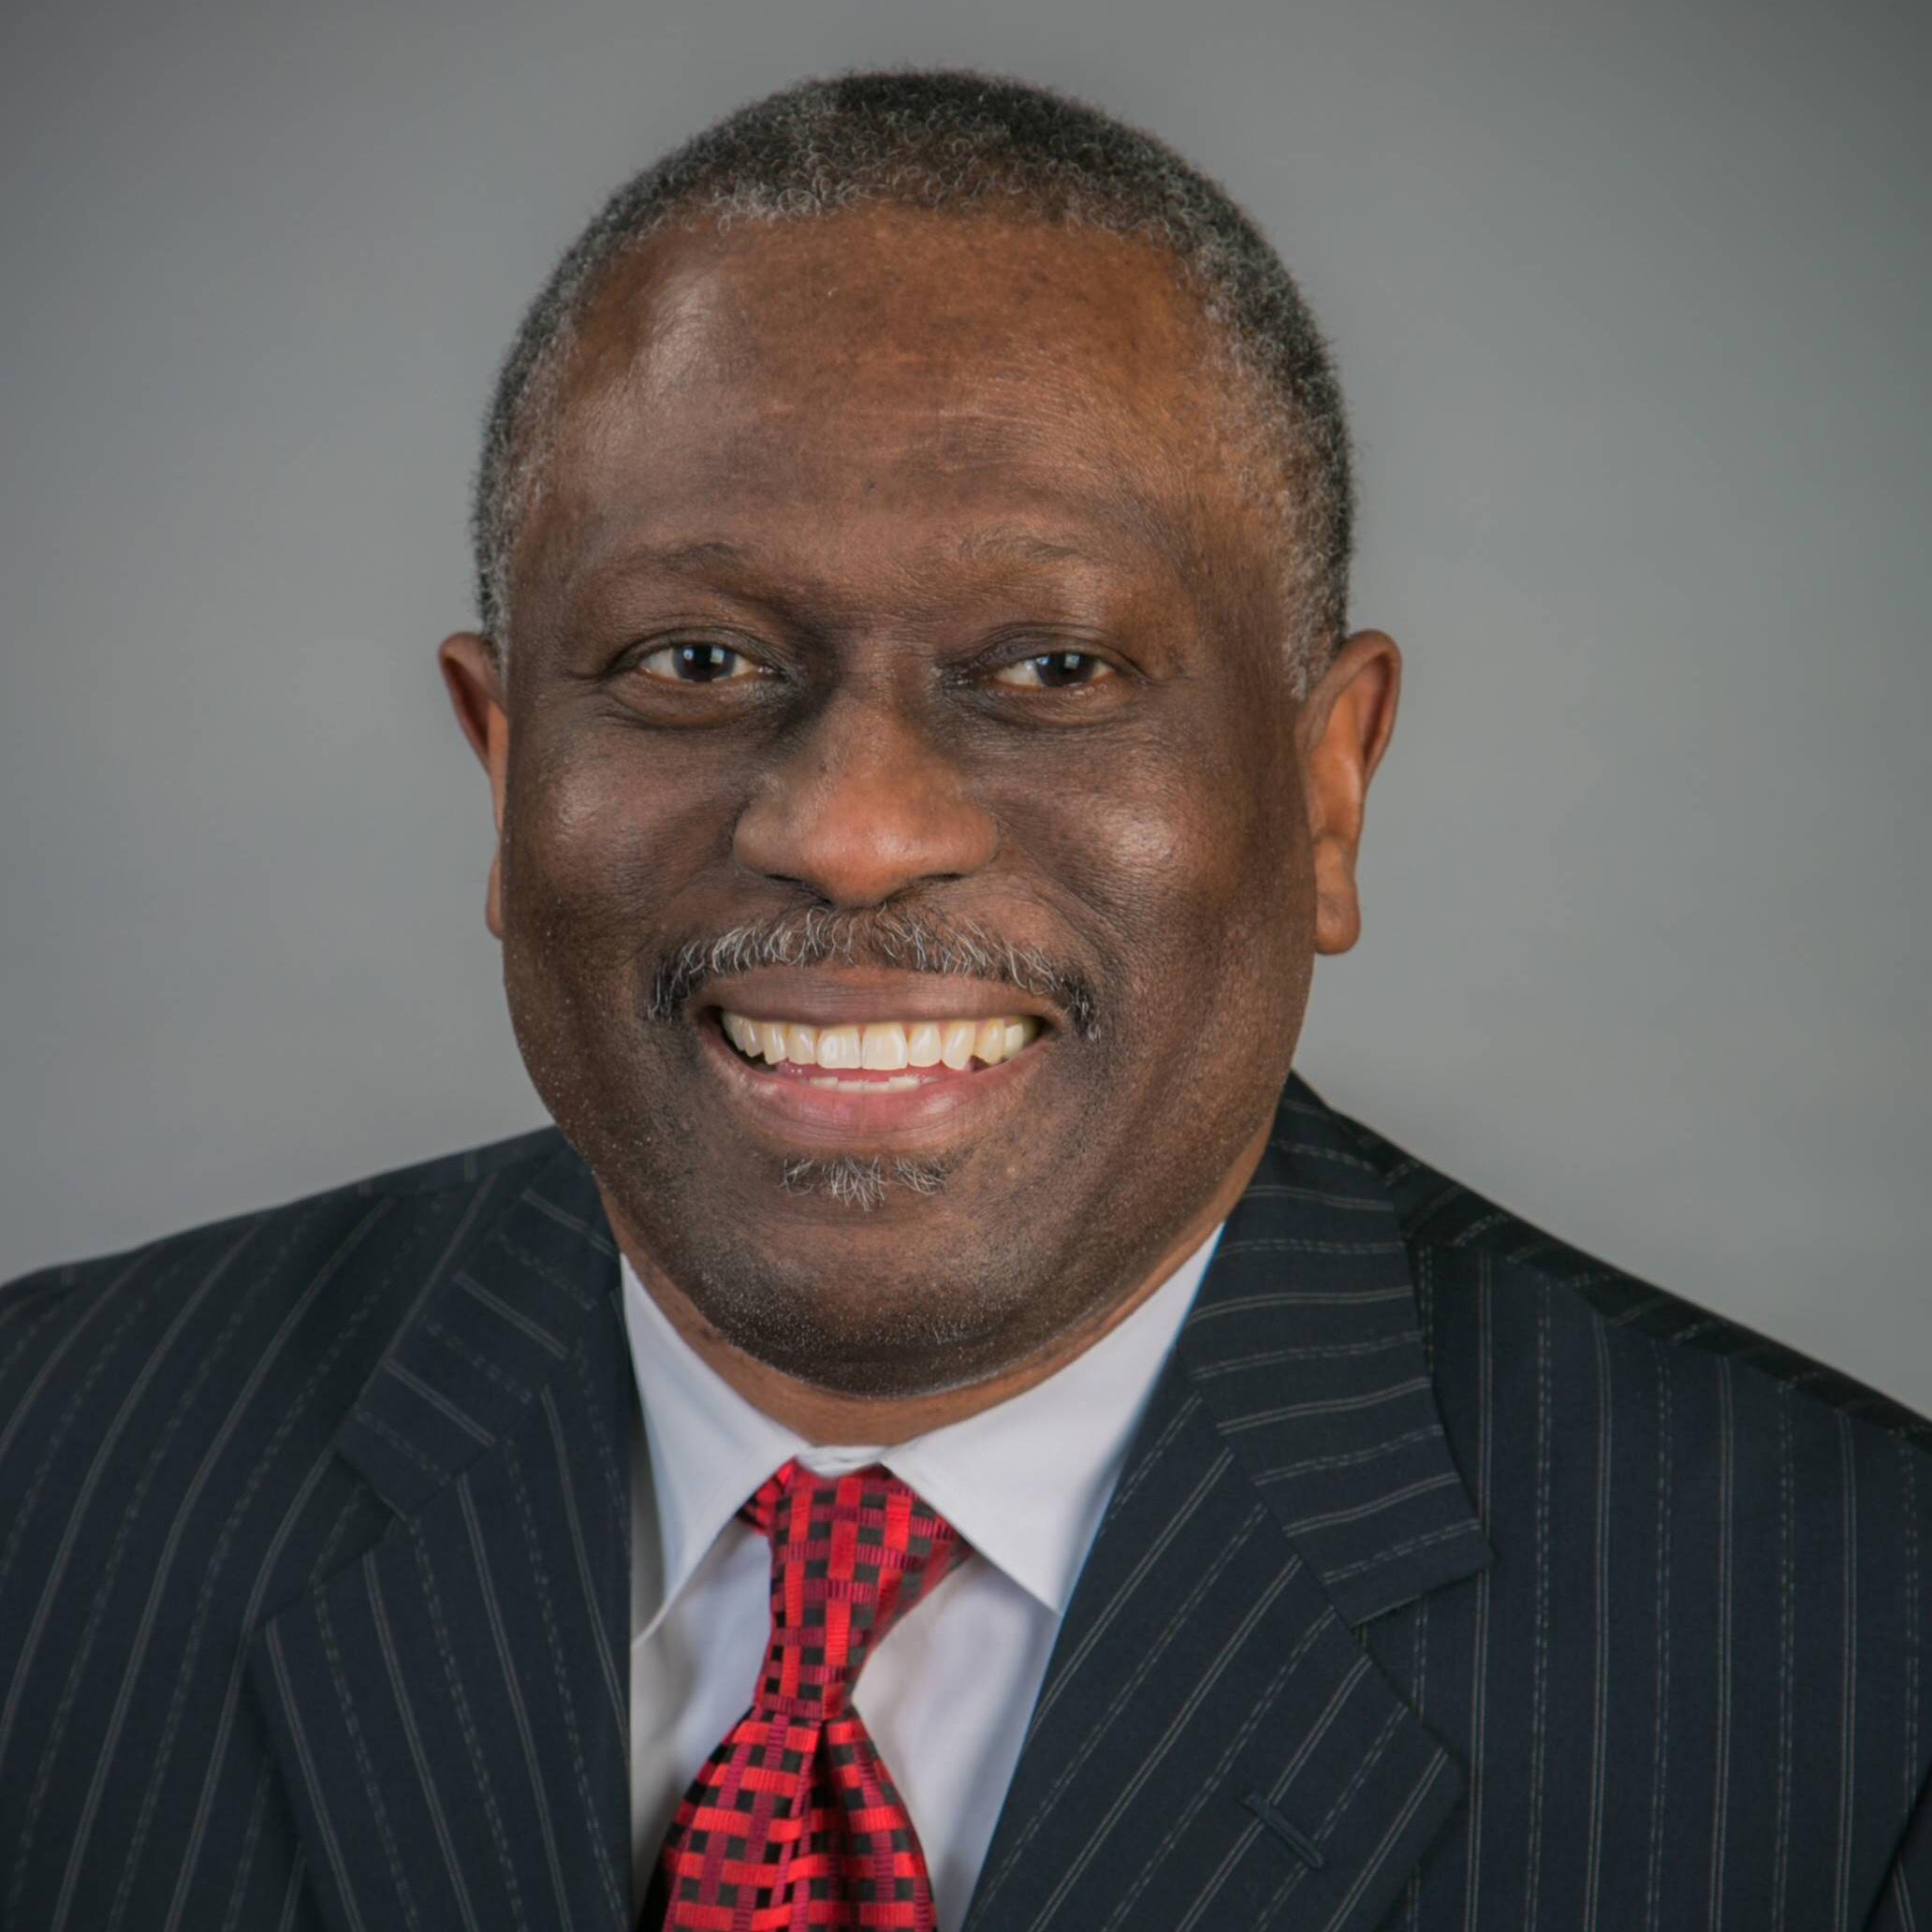 Dr. Fitzclarence N. Harper Jr MD - Medical Director